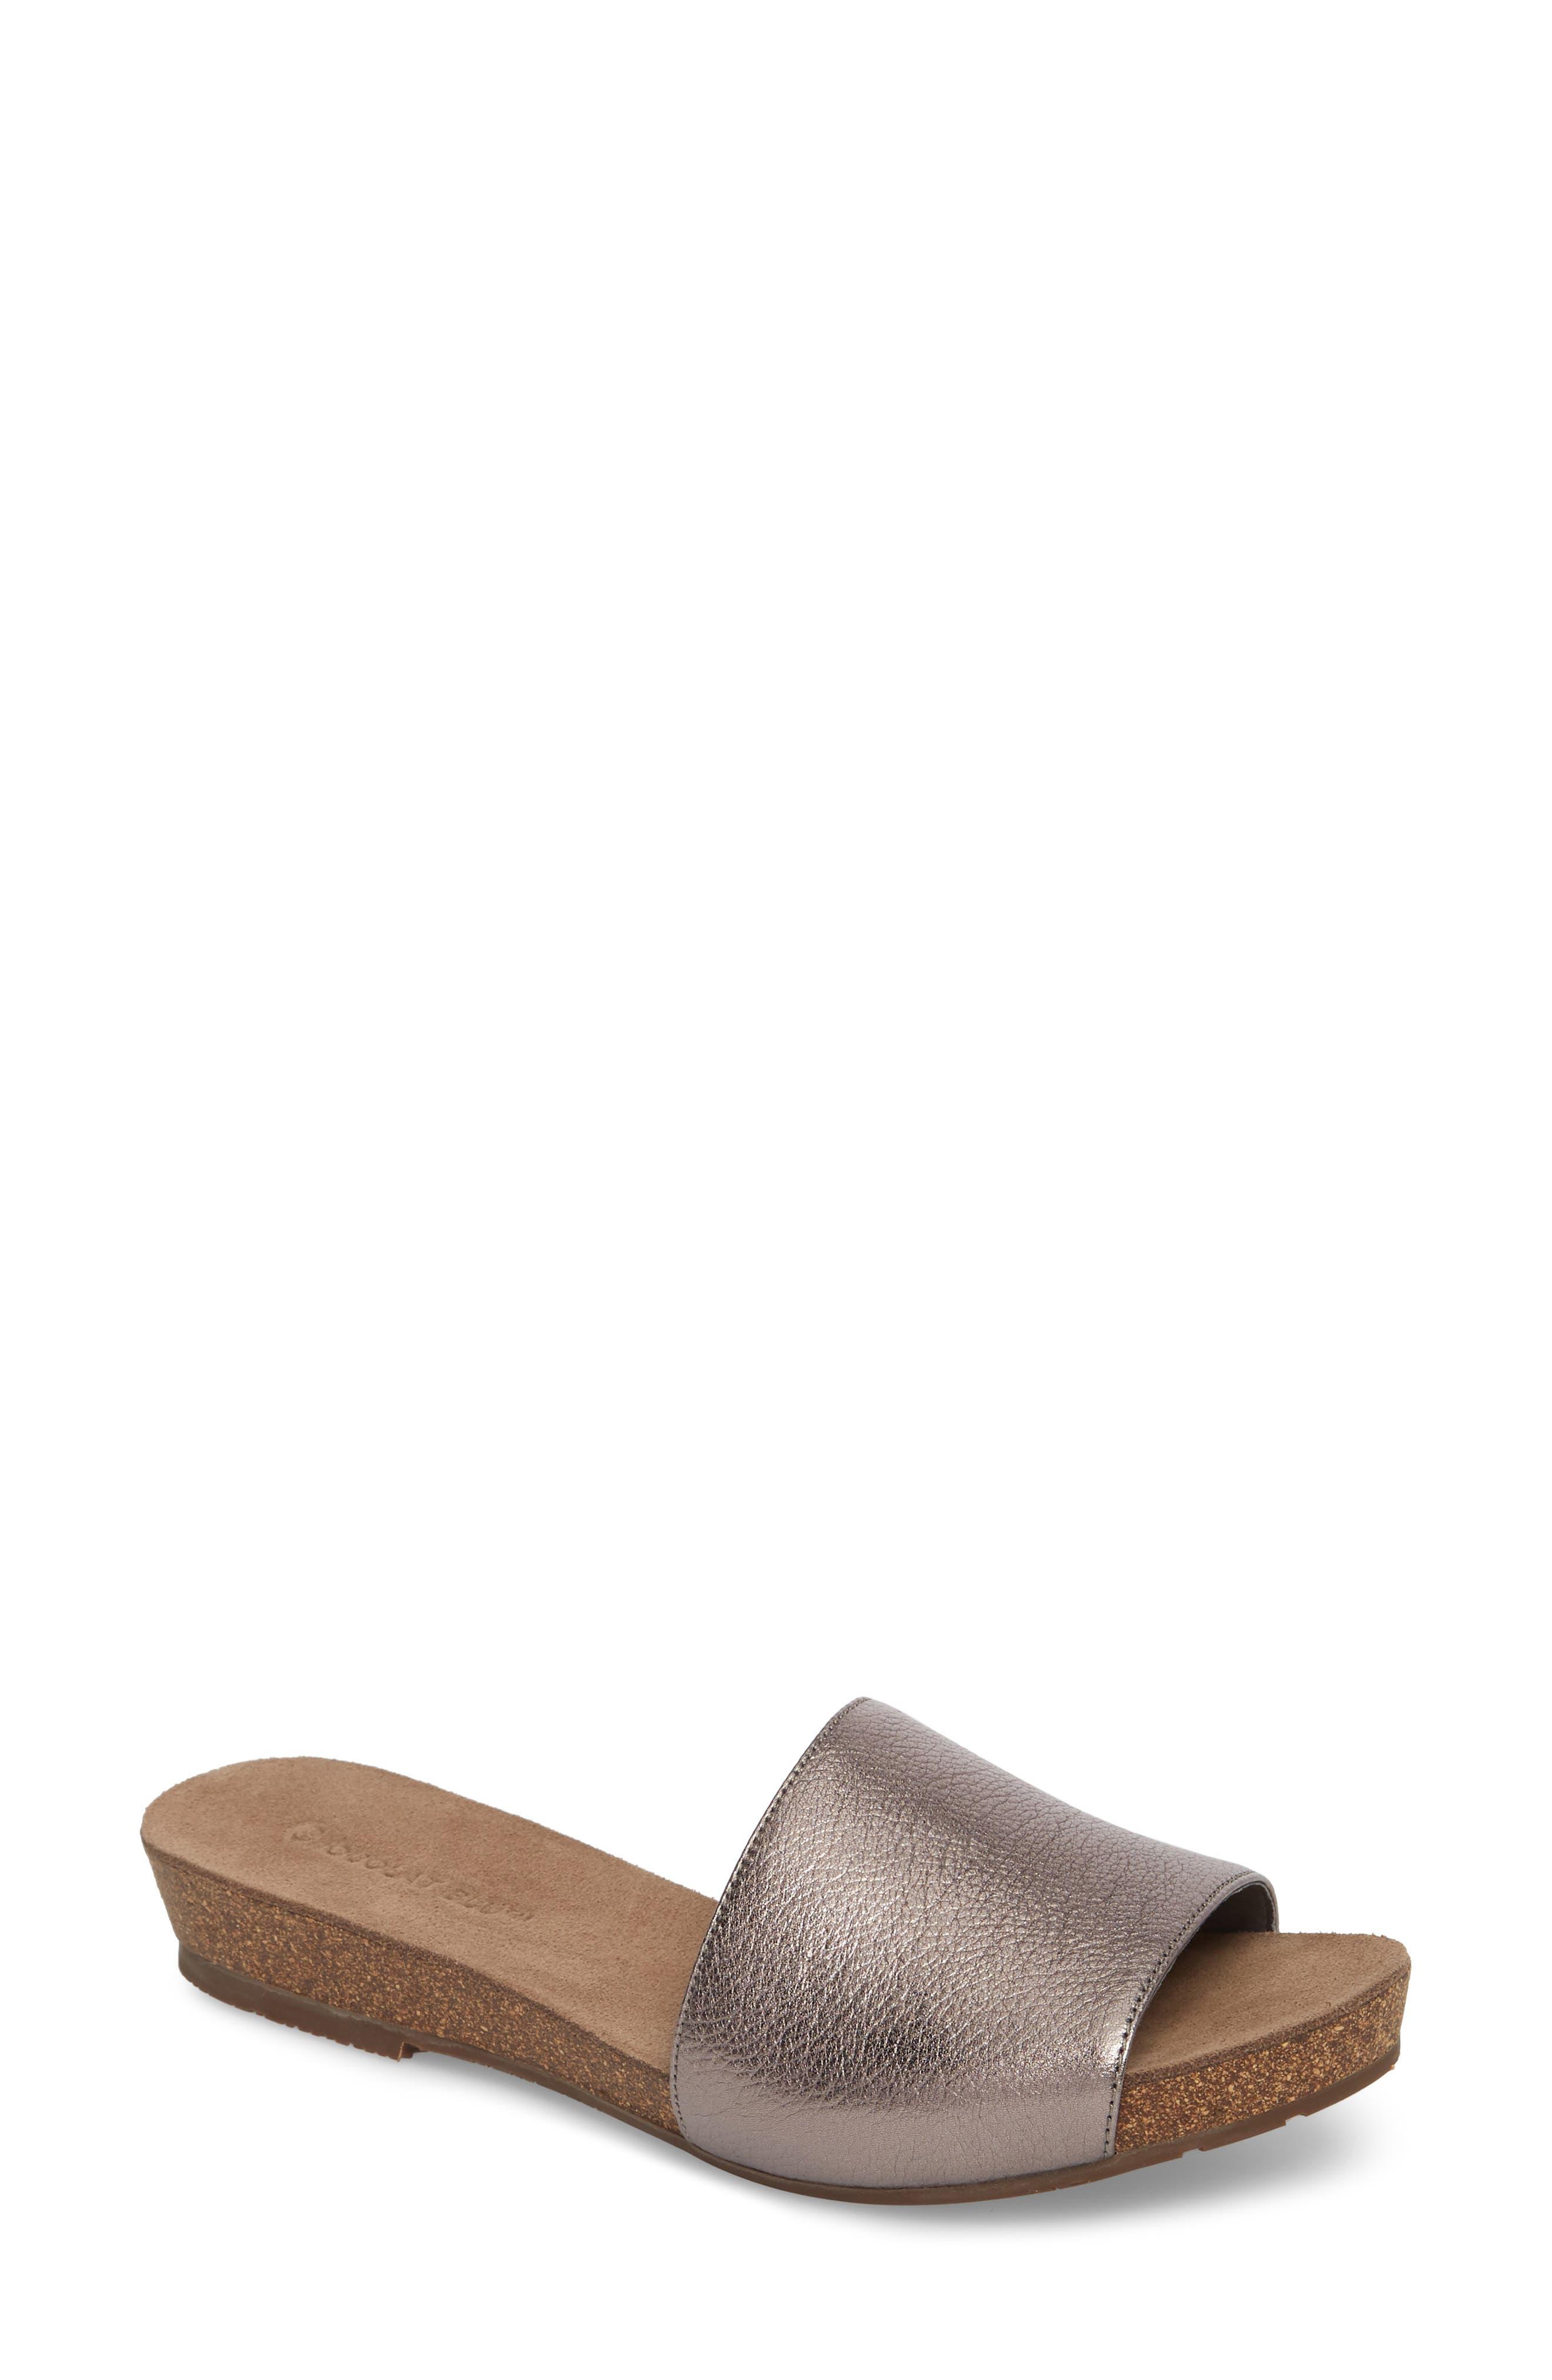 Main Image - Chocolat Blu Viveca Slide Sandal (Women)